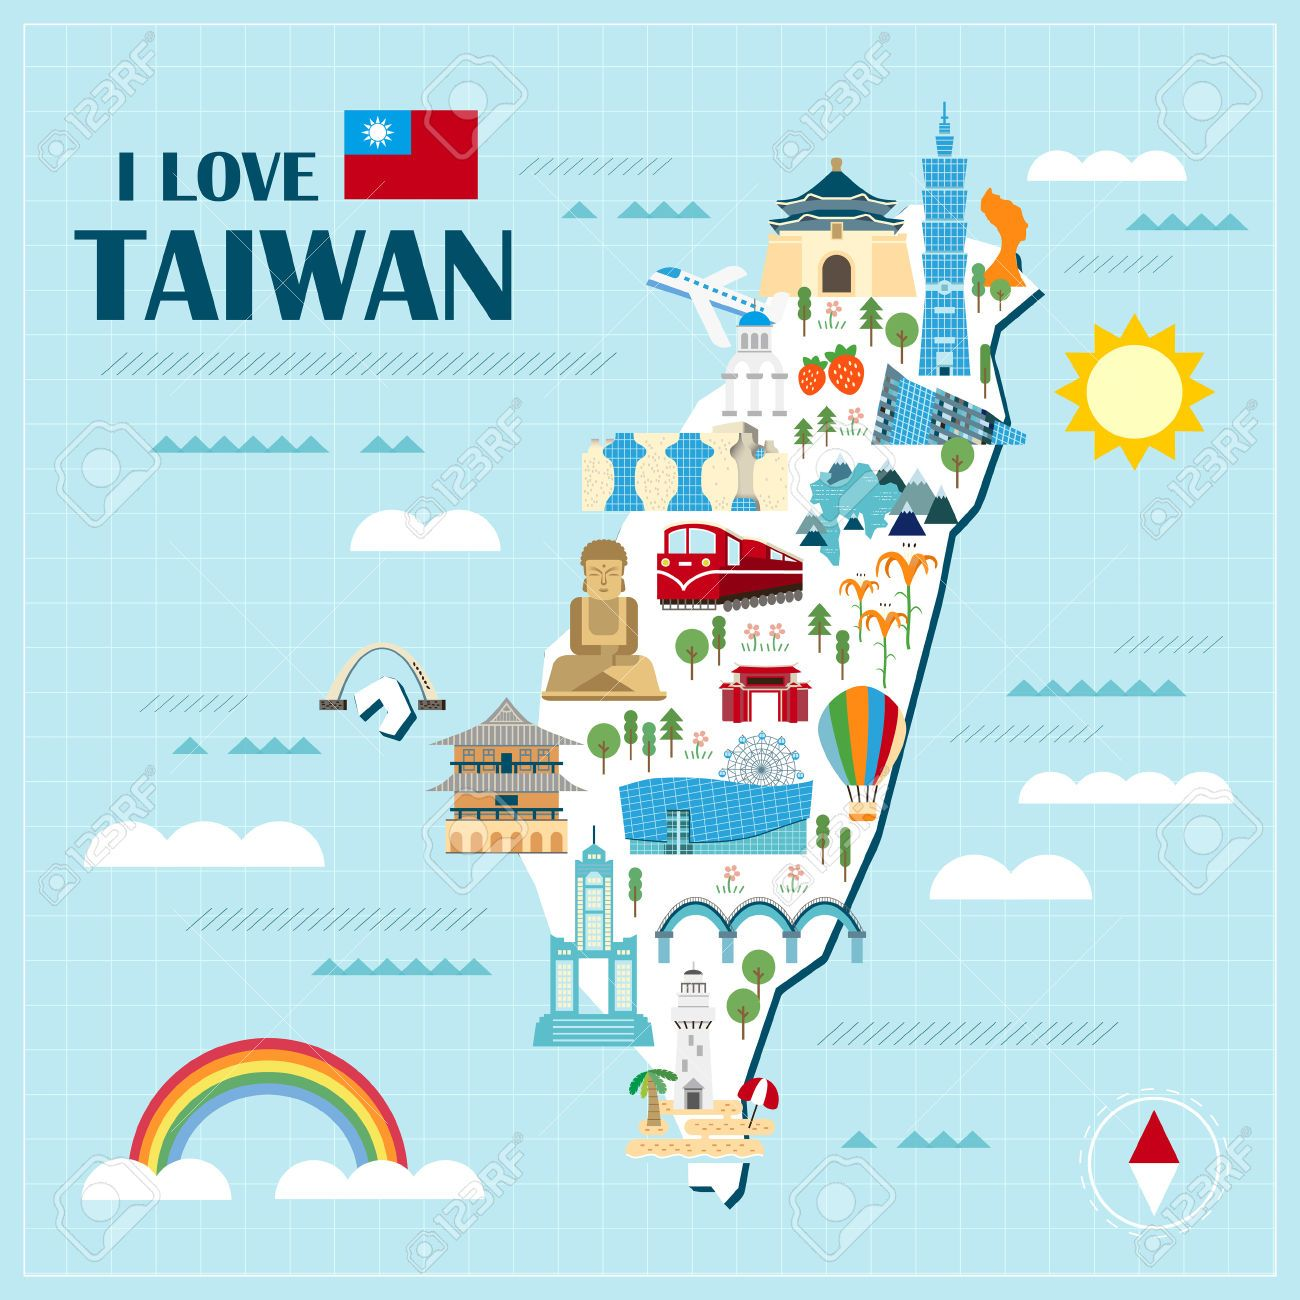 Pin By John Caudill On Formosa Vs Taiwan